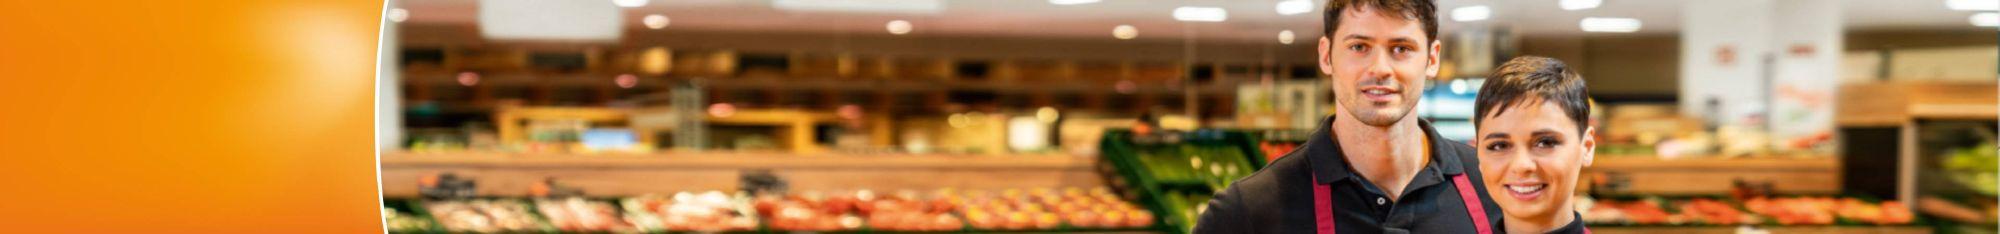 Keyvisual Food Stores Wide Desktop 3840x450px.jpg